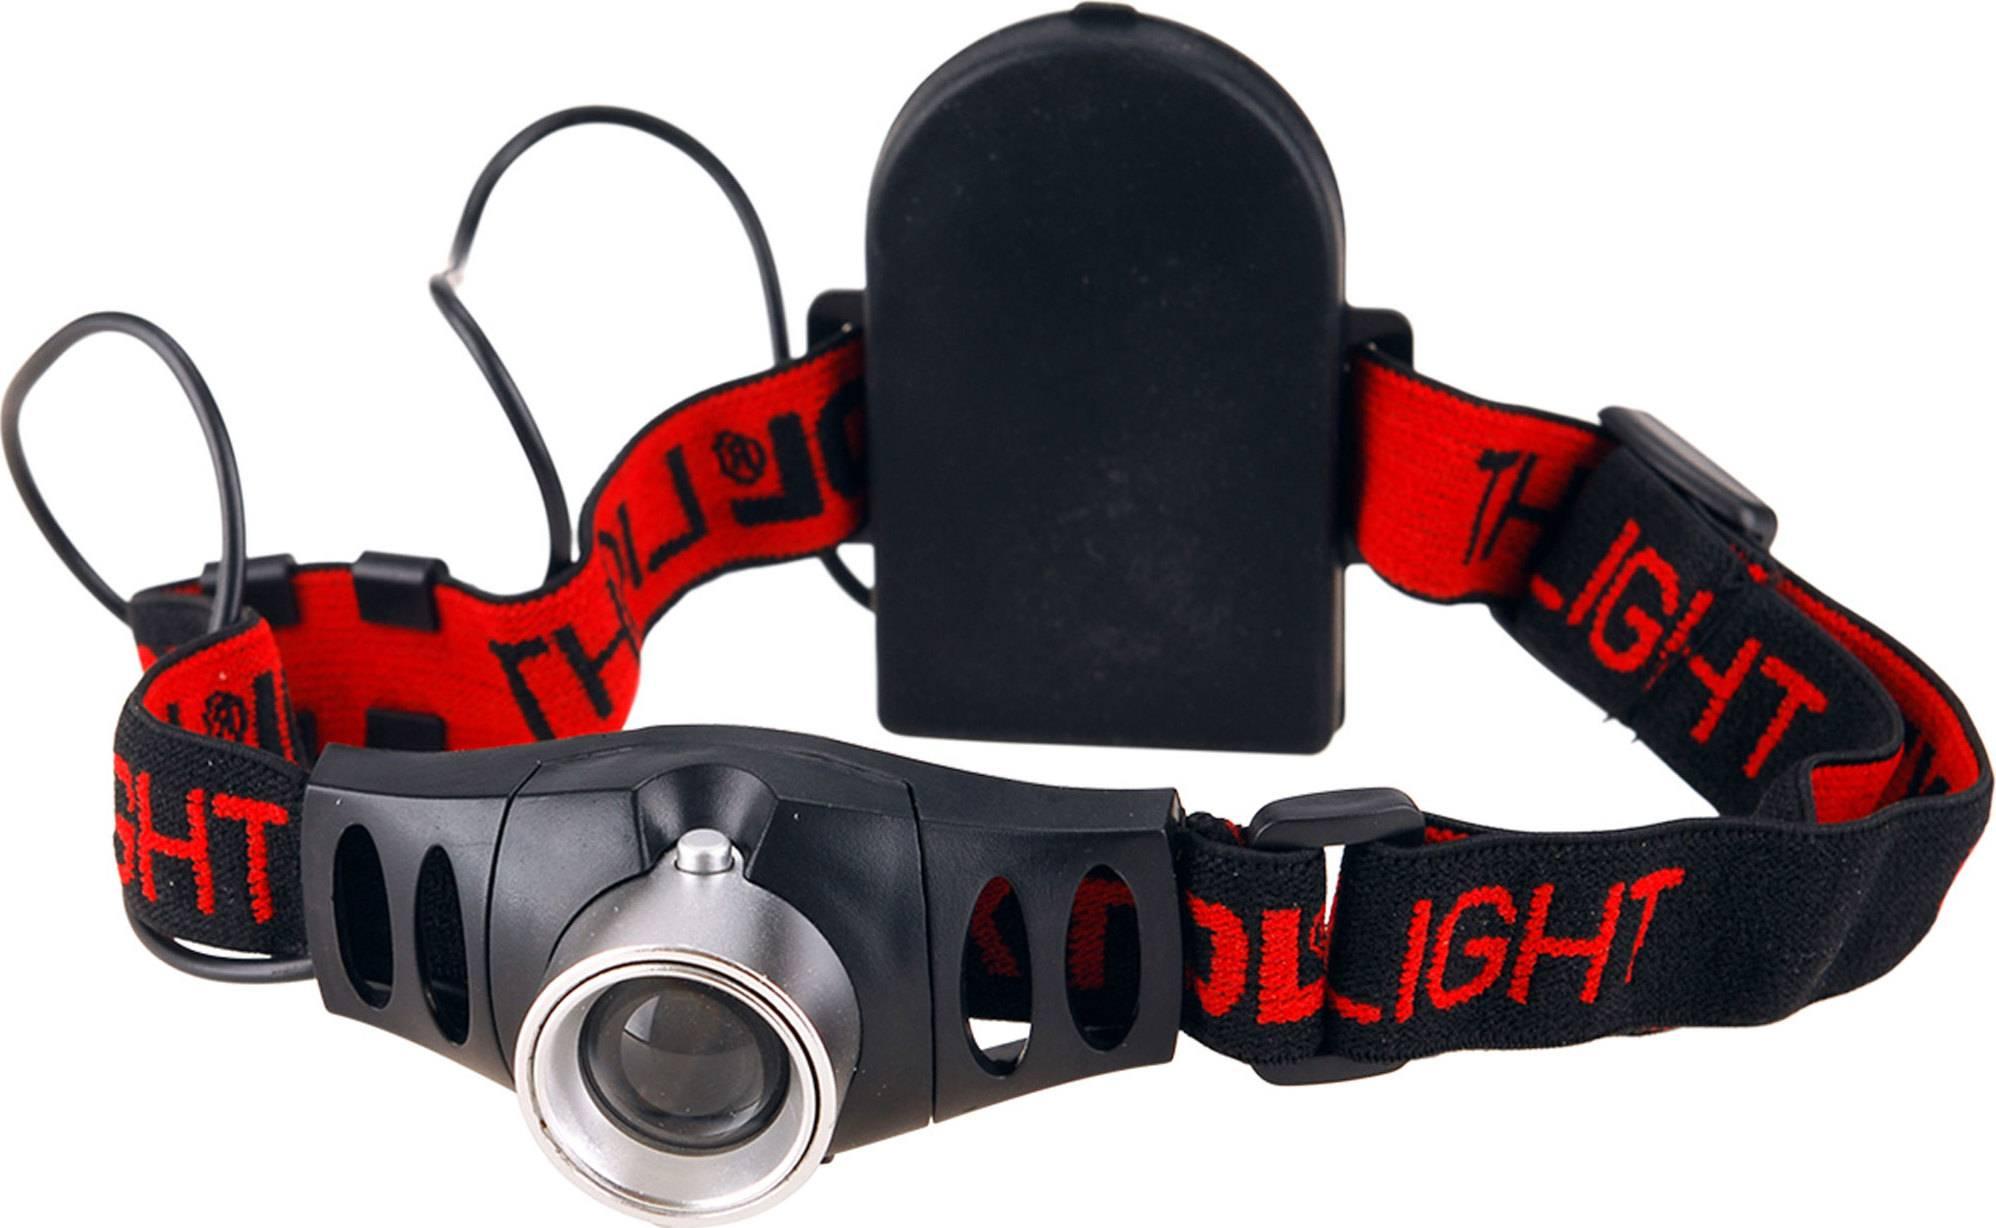 čelovka 120lm CREE s plynulou regulací, 3W CREE XPE, dosvit 100m, funkce ZOOM, hliník a ABS plast 43101 EXTOL LIGHT